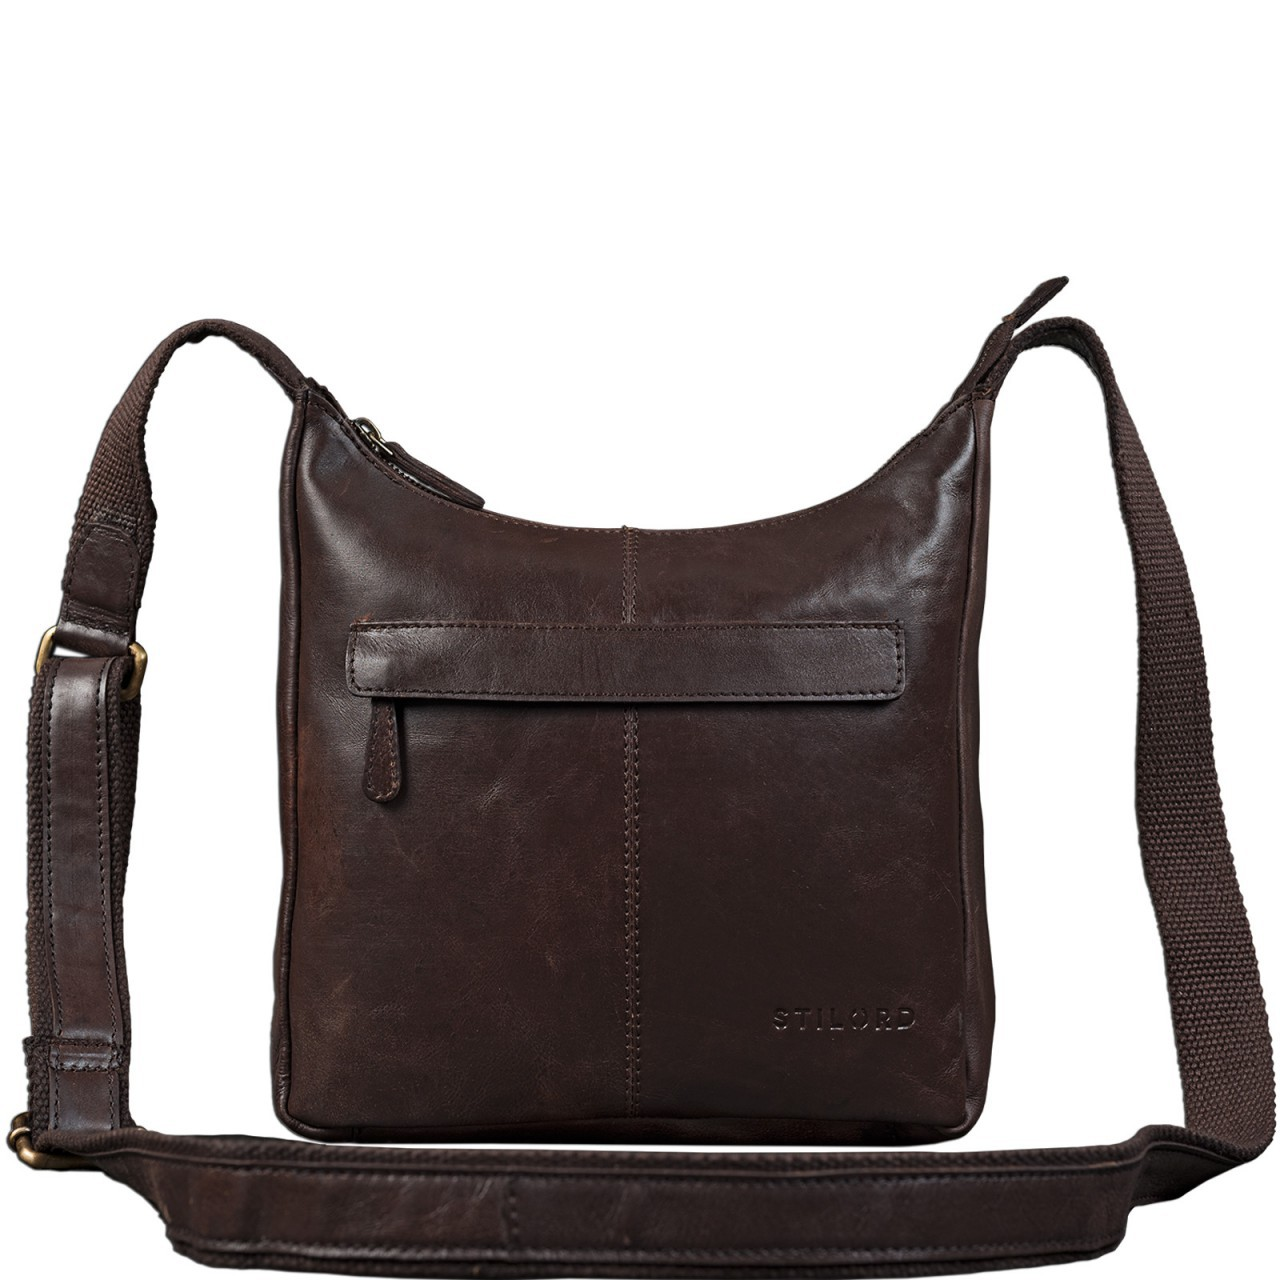 STILORD dunkelbraune Vintage Umhängetasche für Damen / Handtasche / Ledertasche aus weichem Büffel Leder braun - Bild 2